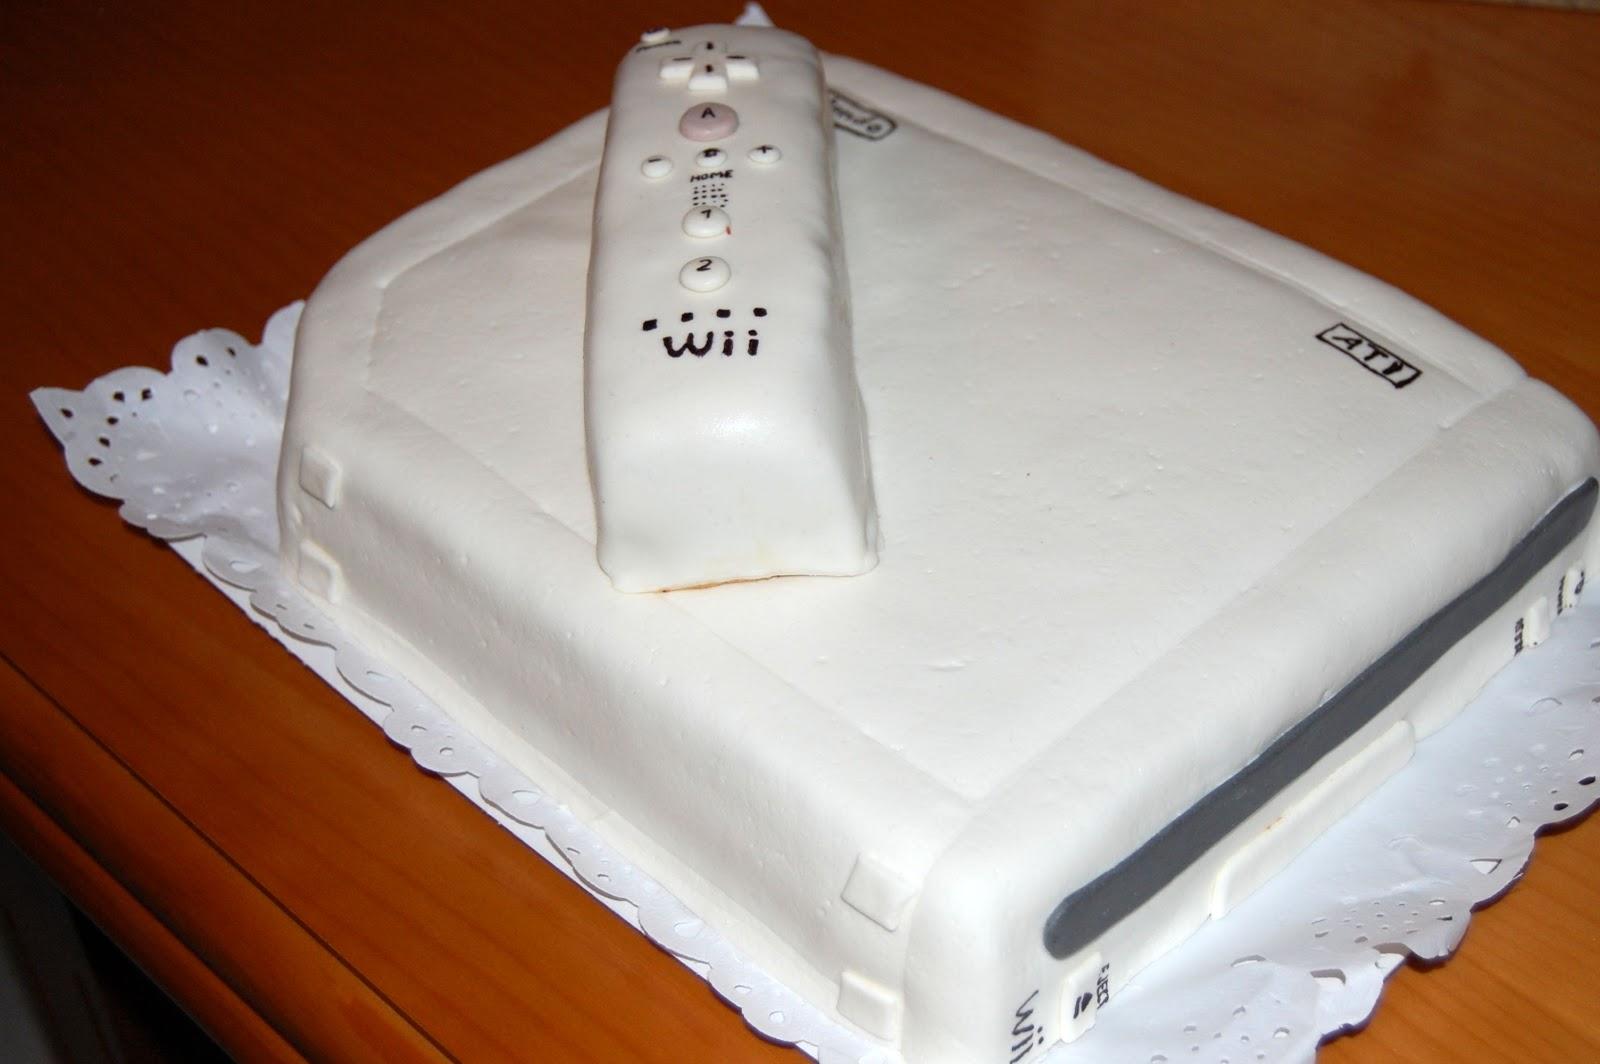 http://azucarenmicocina.blogspot.com.es/2012/10/tarta-wii-para-rodrigo-y-un-nuevo-premio_18.html